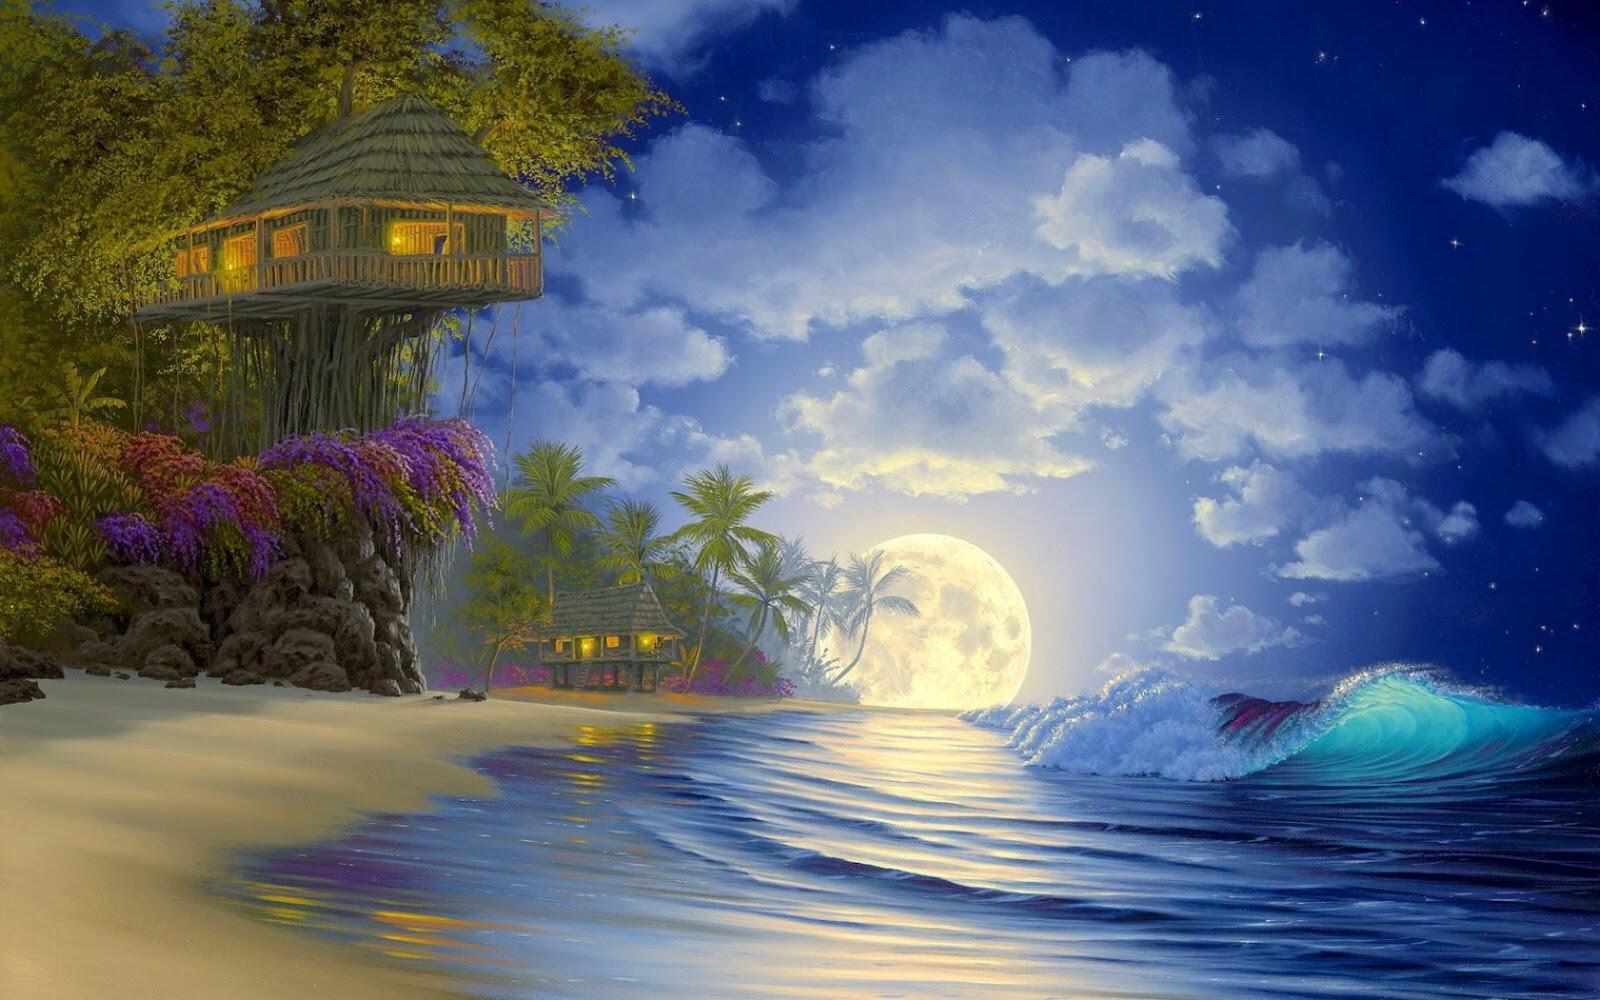 I Love Tree House Full Moon Tree House Wallpaper 1680x1050